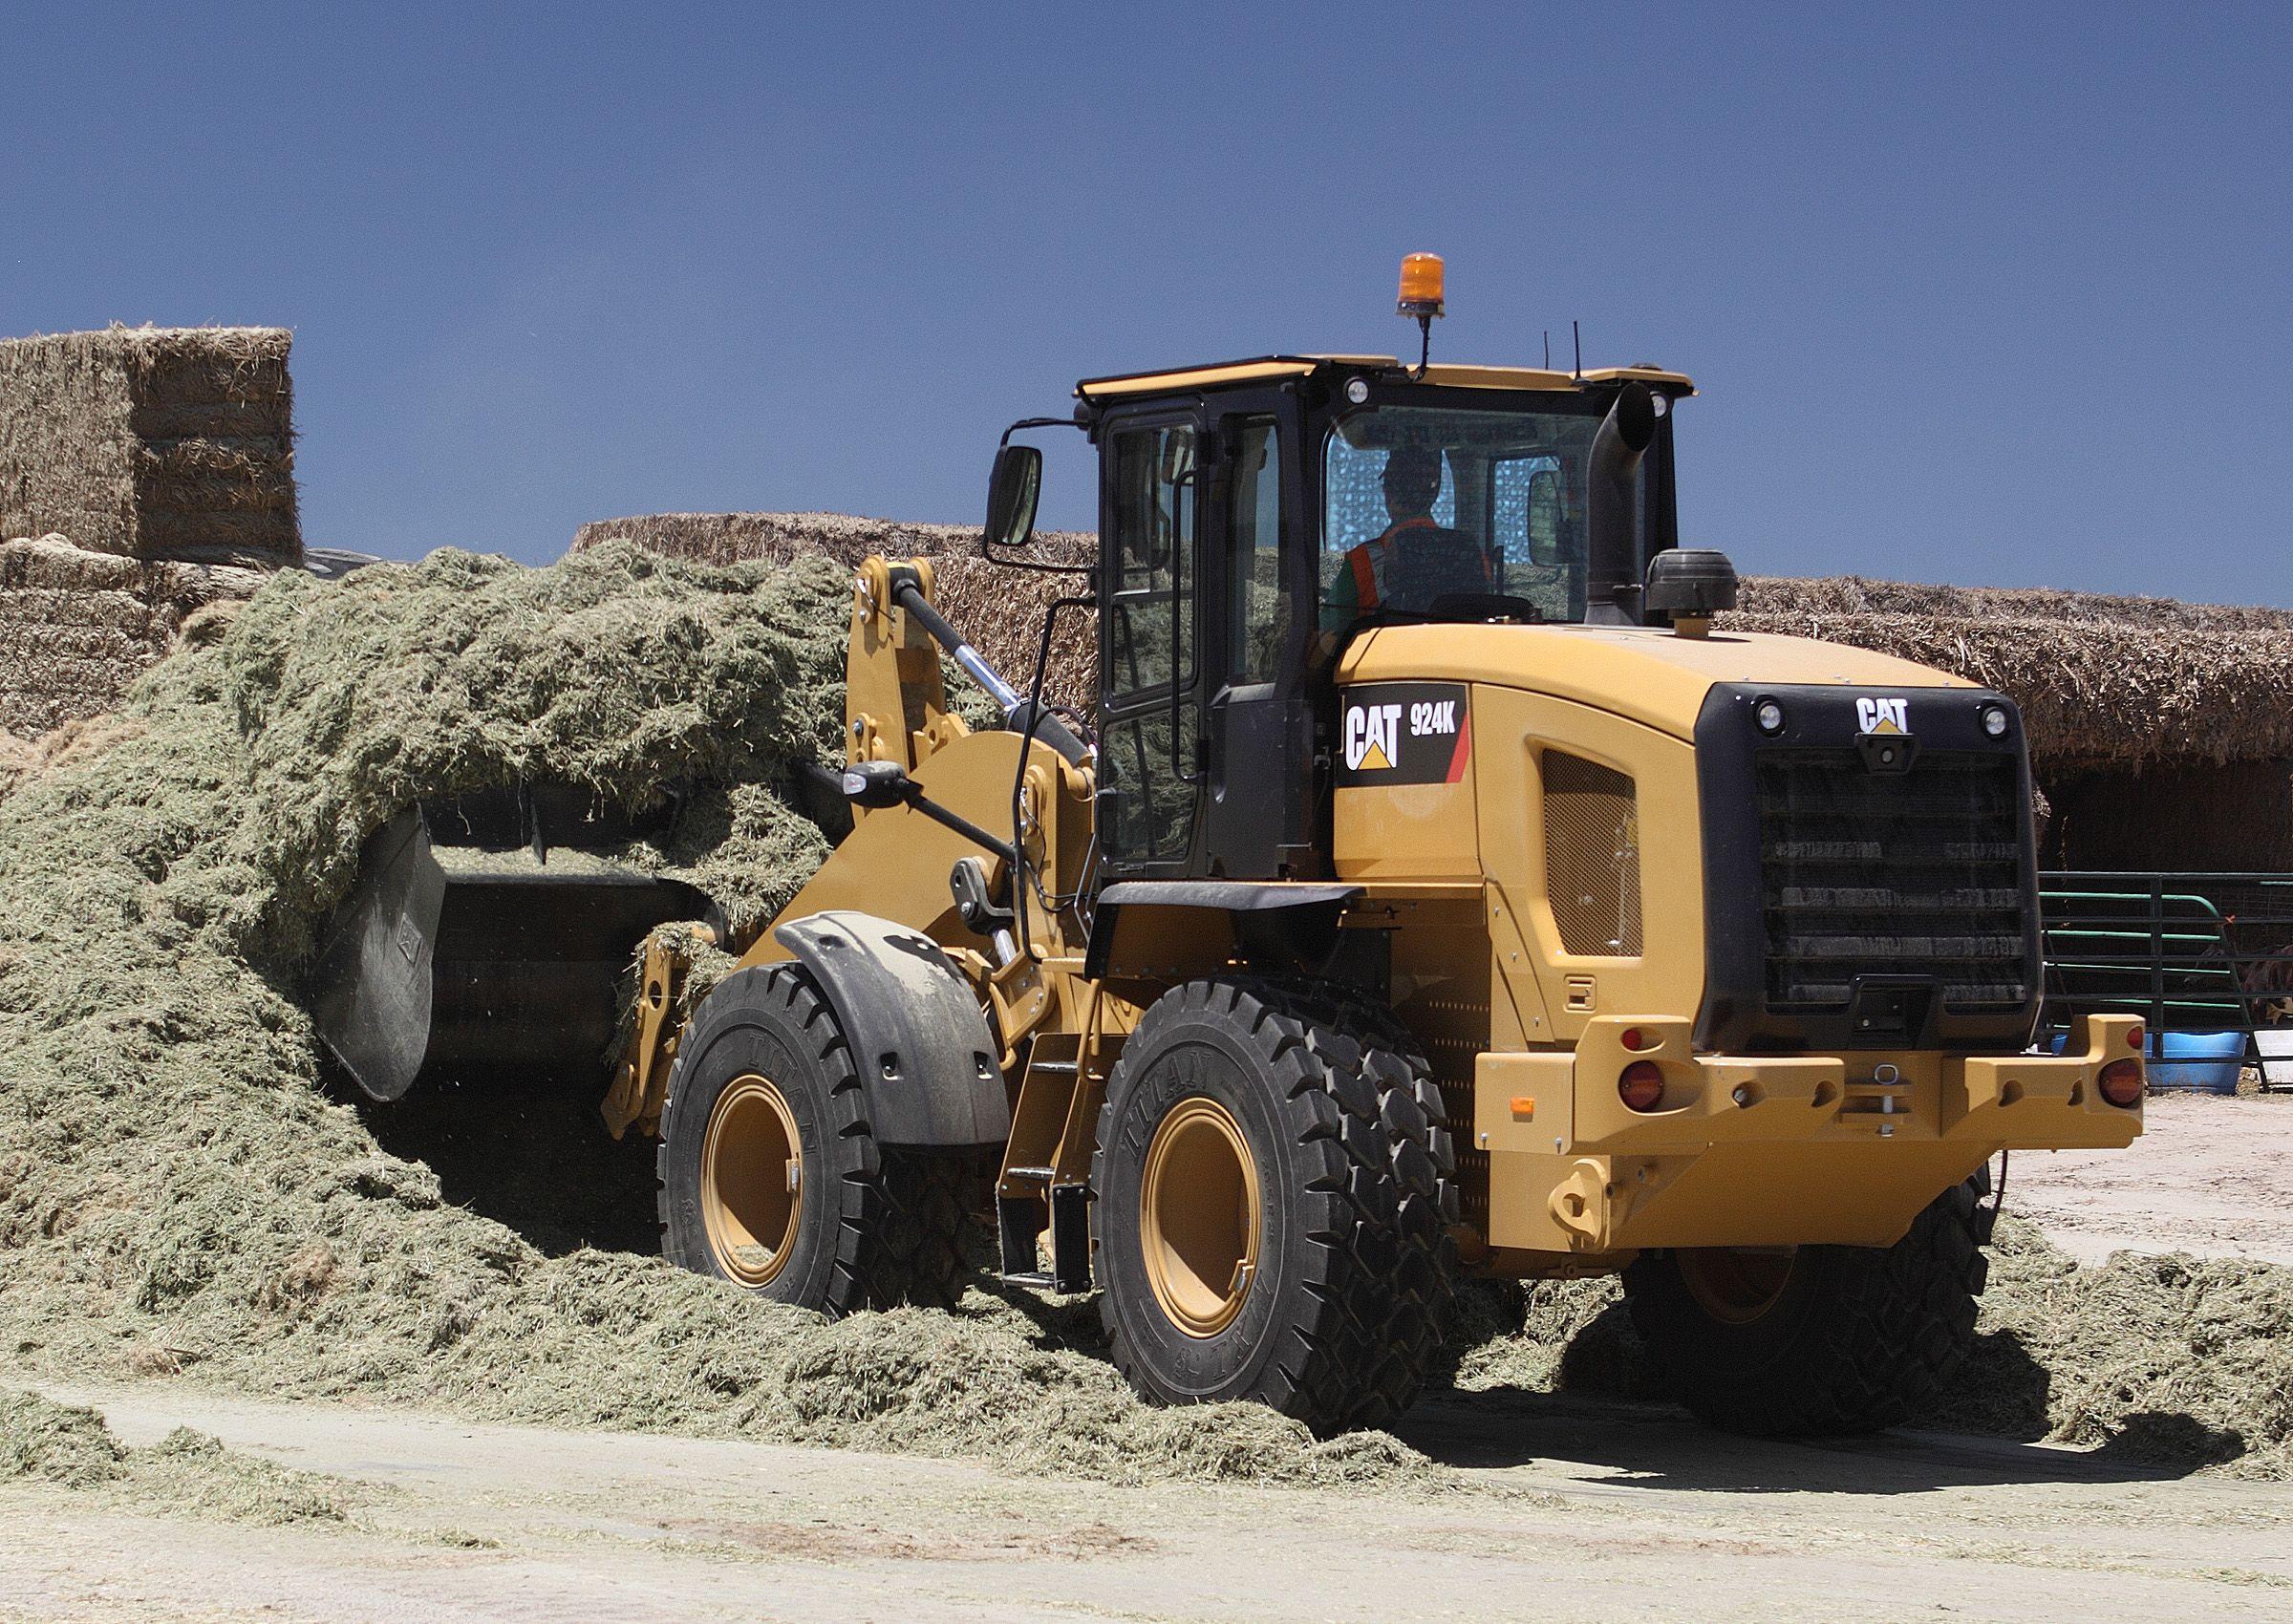 cat 966m wheel loader caterpillar caterpillar equipment